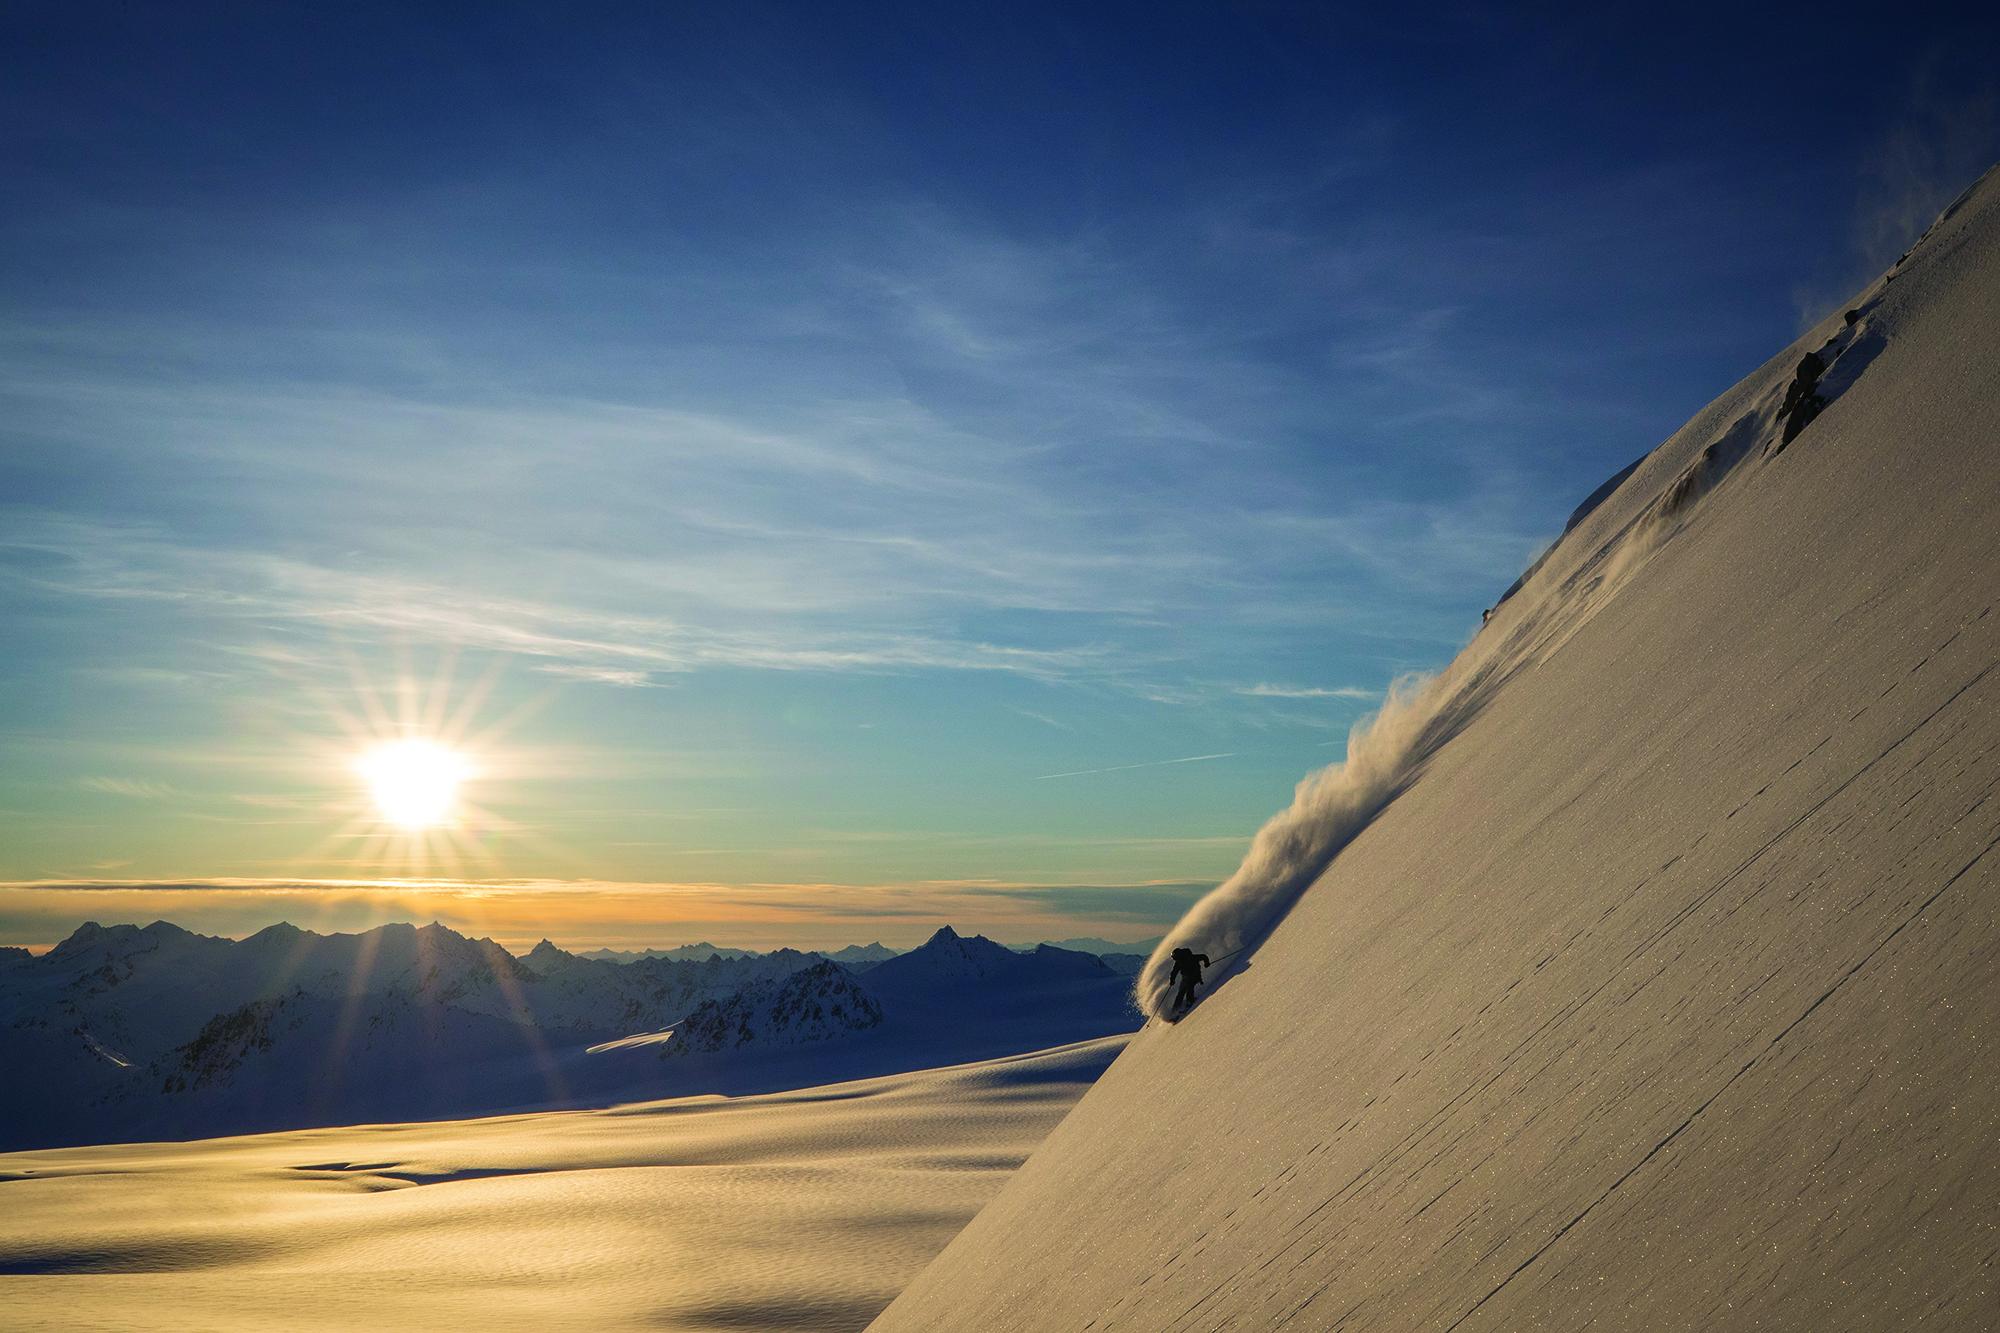 Ben Nobel skiing